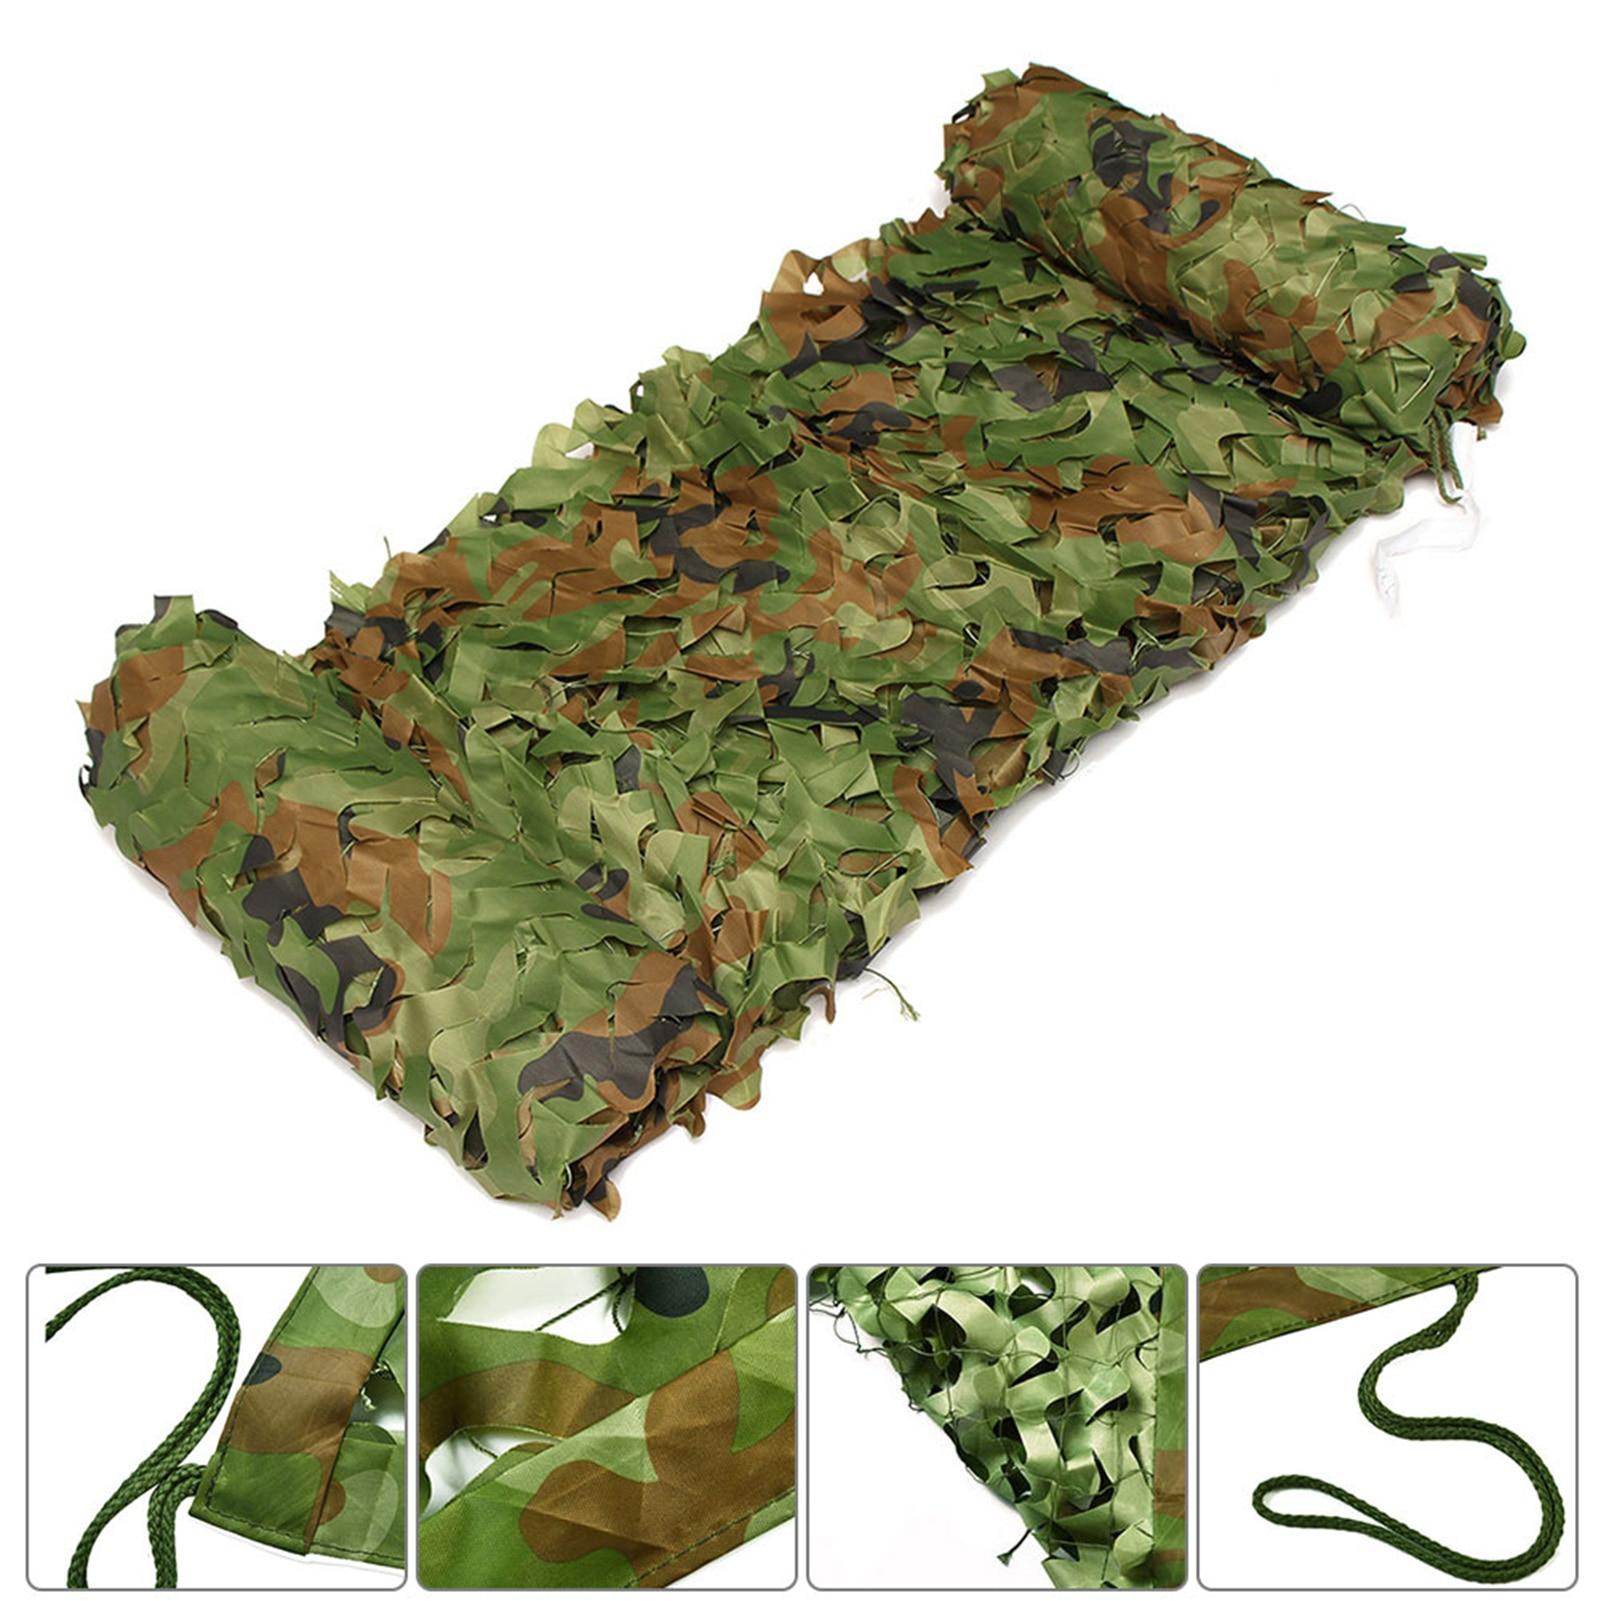 3*5 м Лесной камуфляж сетка чистая защиты конфиденциальности камуфляж сетки для кемпинга на открытом воздухе лесного пейзажа